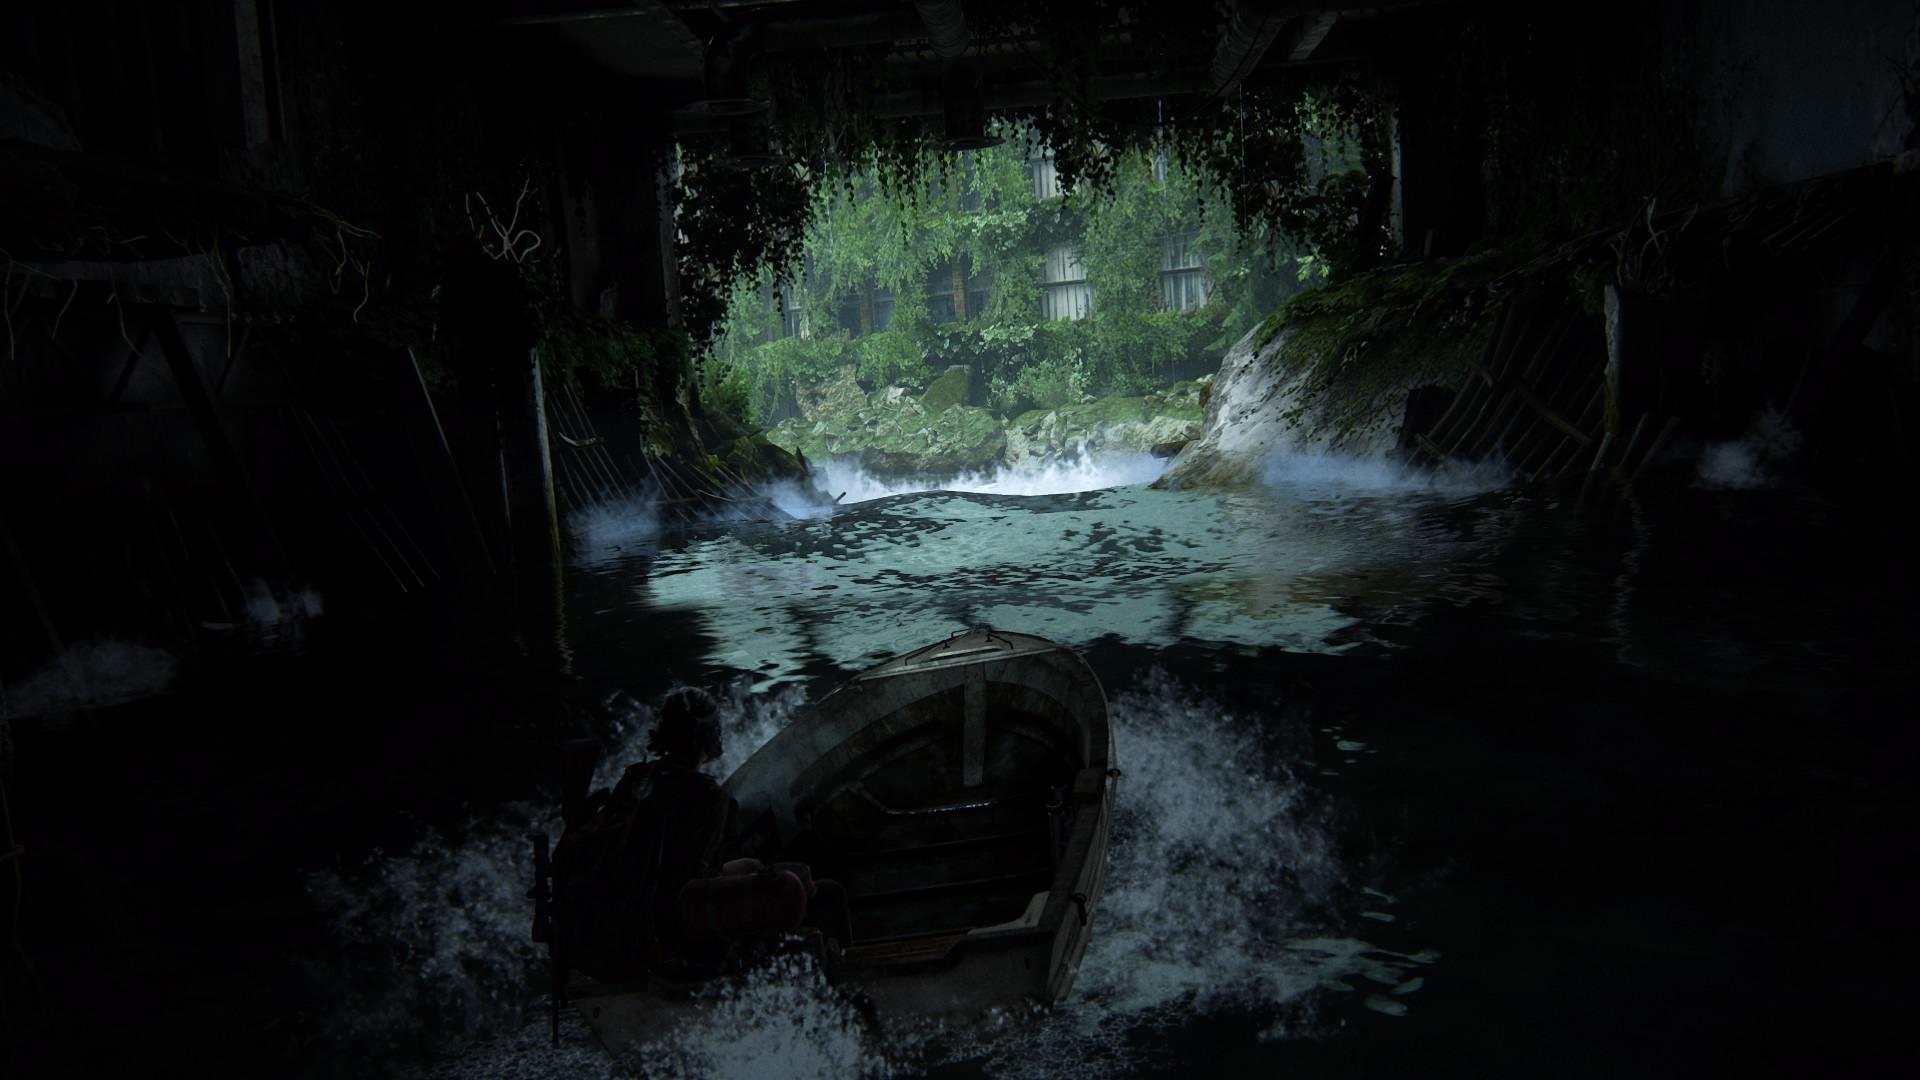 ... Und Setzt Den Weg Durchs überflutete Straßenbild über Das Wasser Fort.